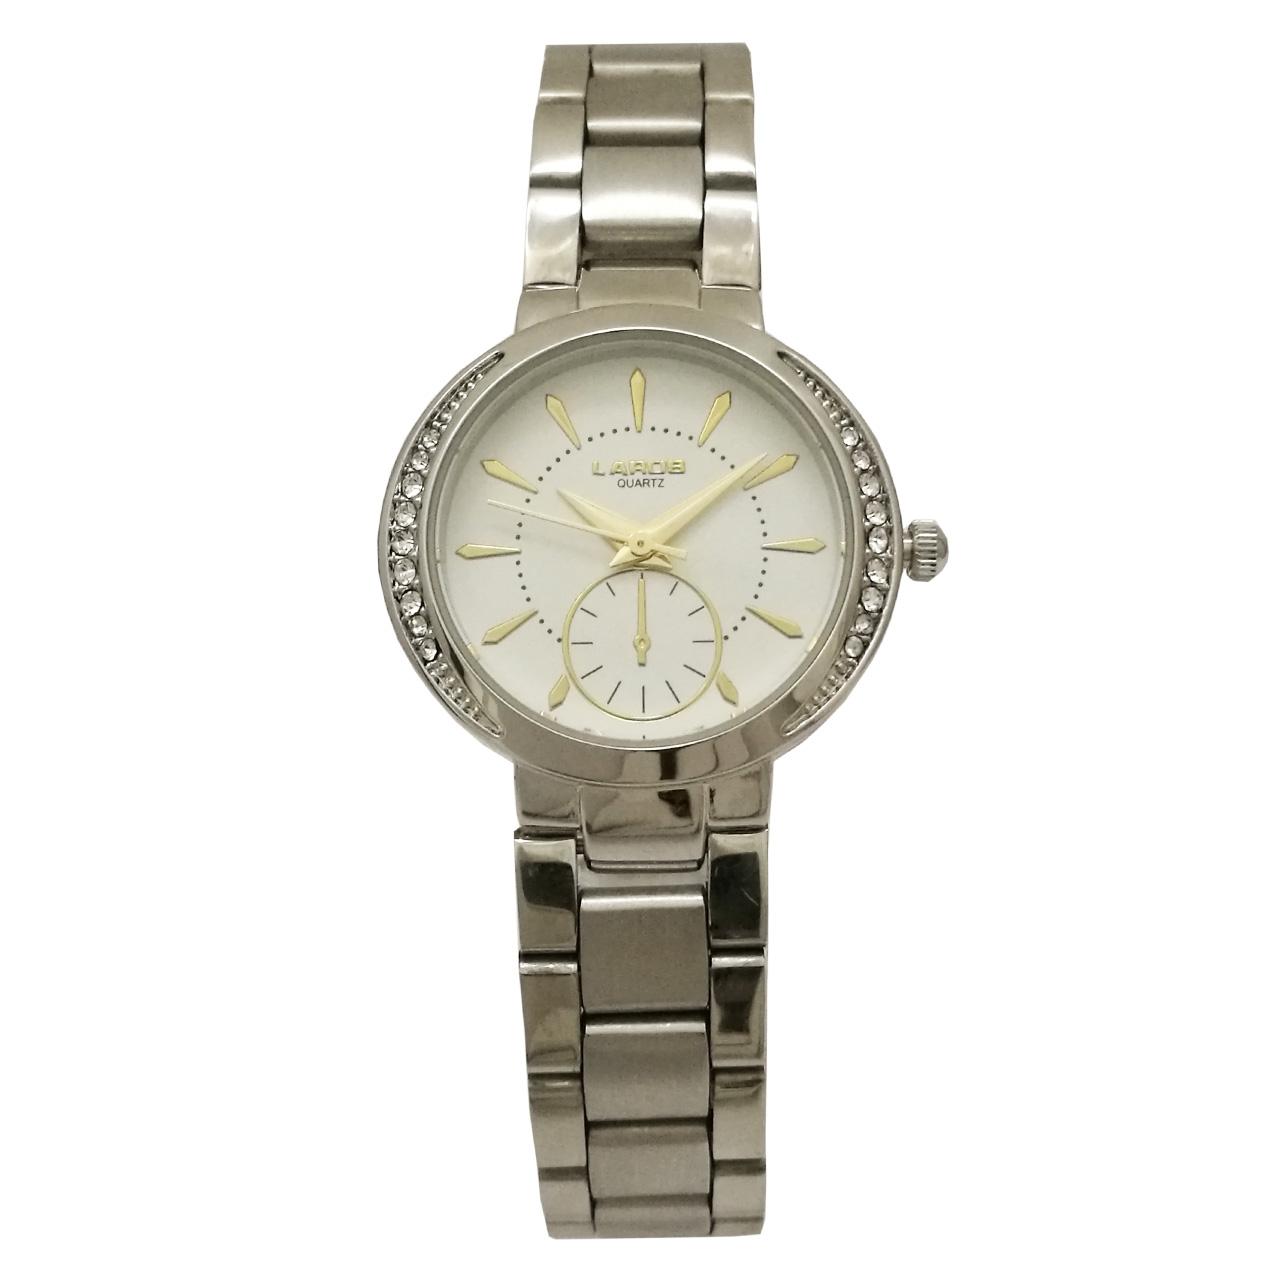 ساعت مچی عقربه ای زنانه لاروس مدل 1117-80156